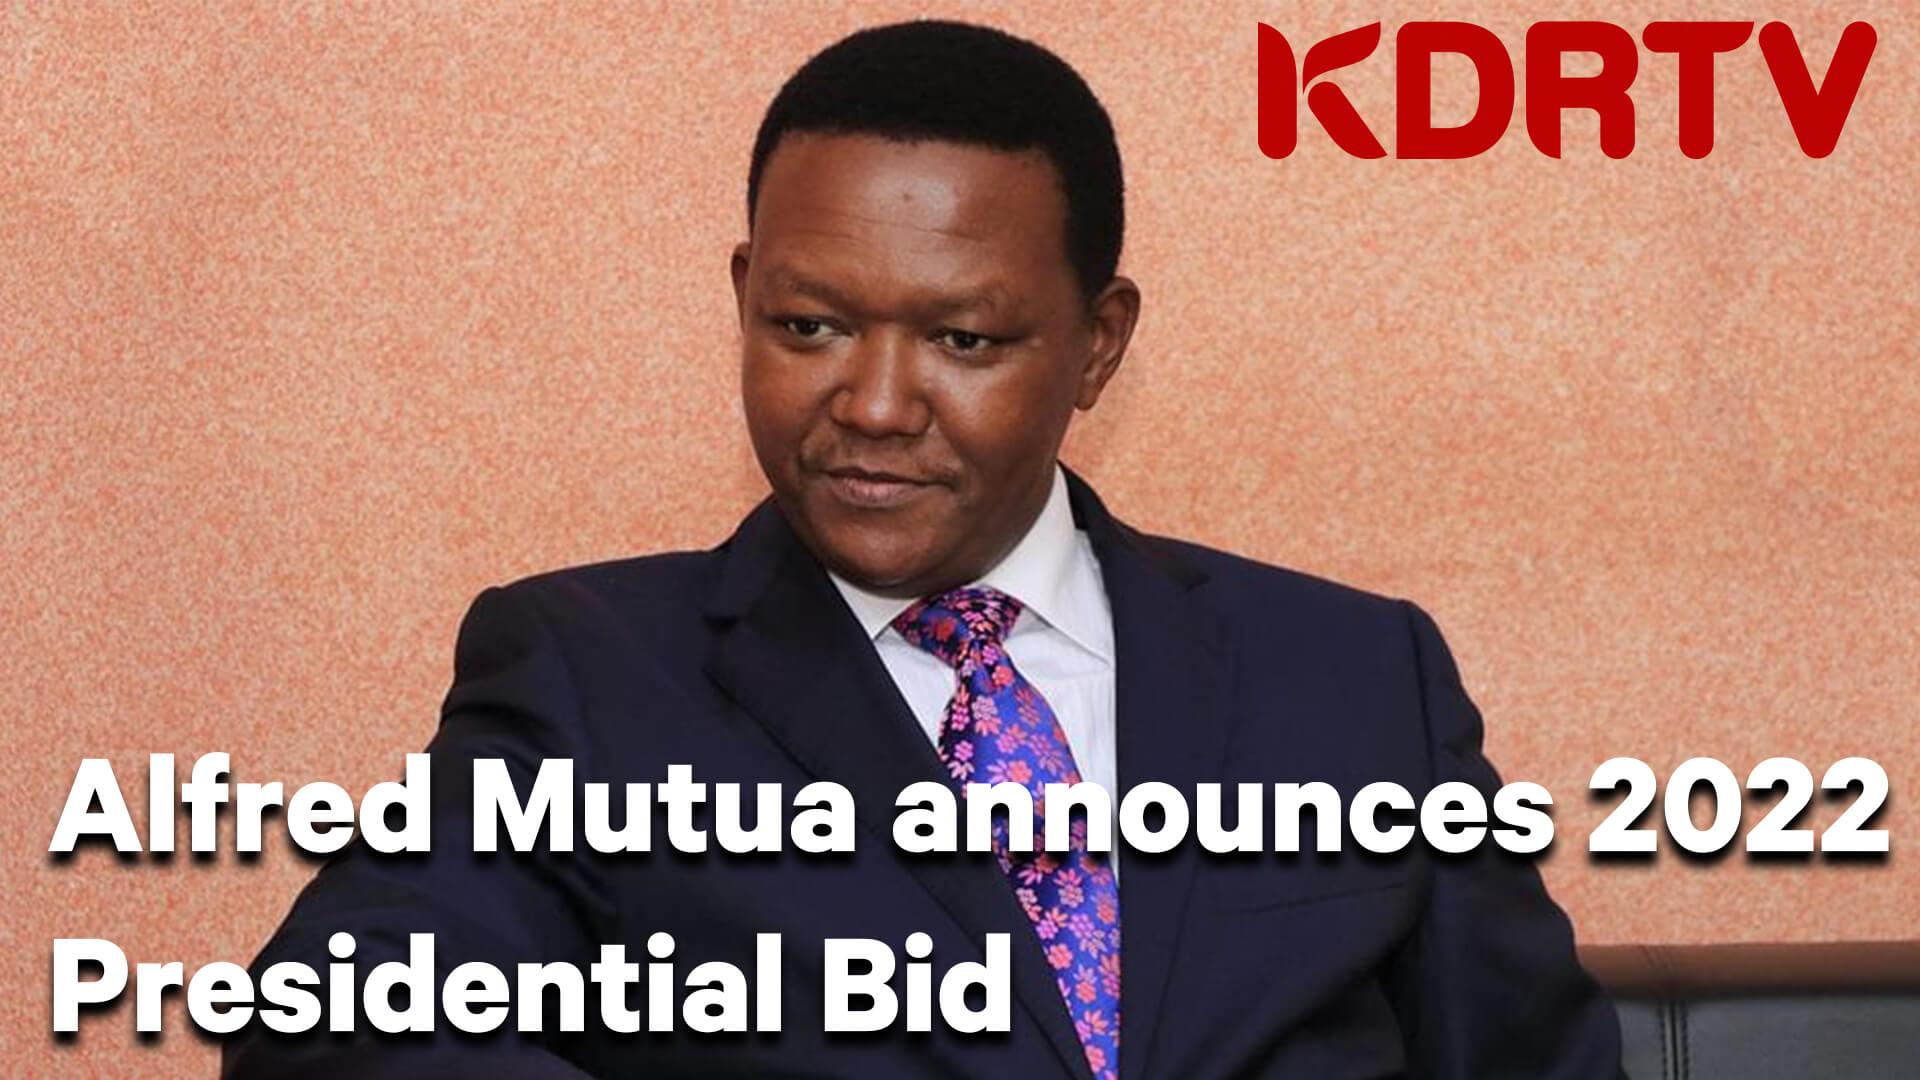 Alfred Mutua YT